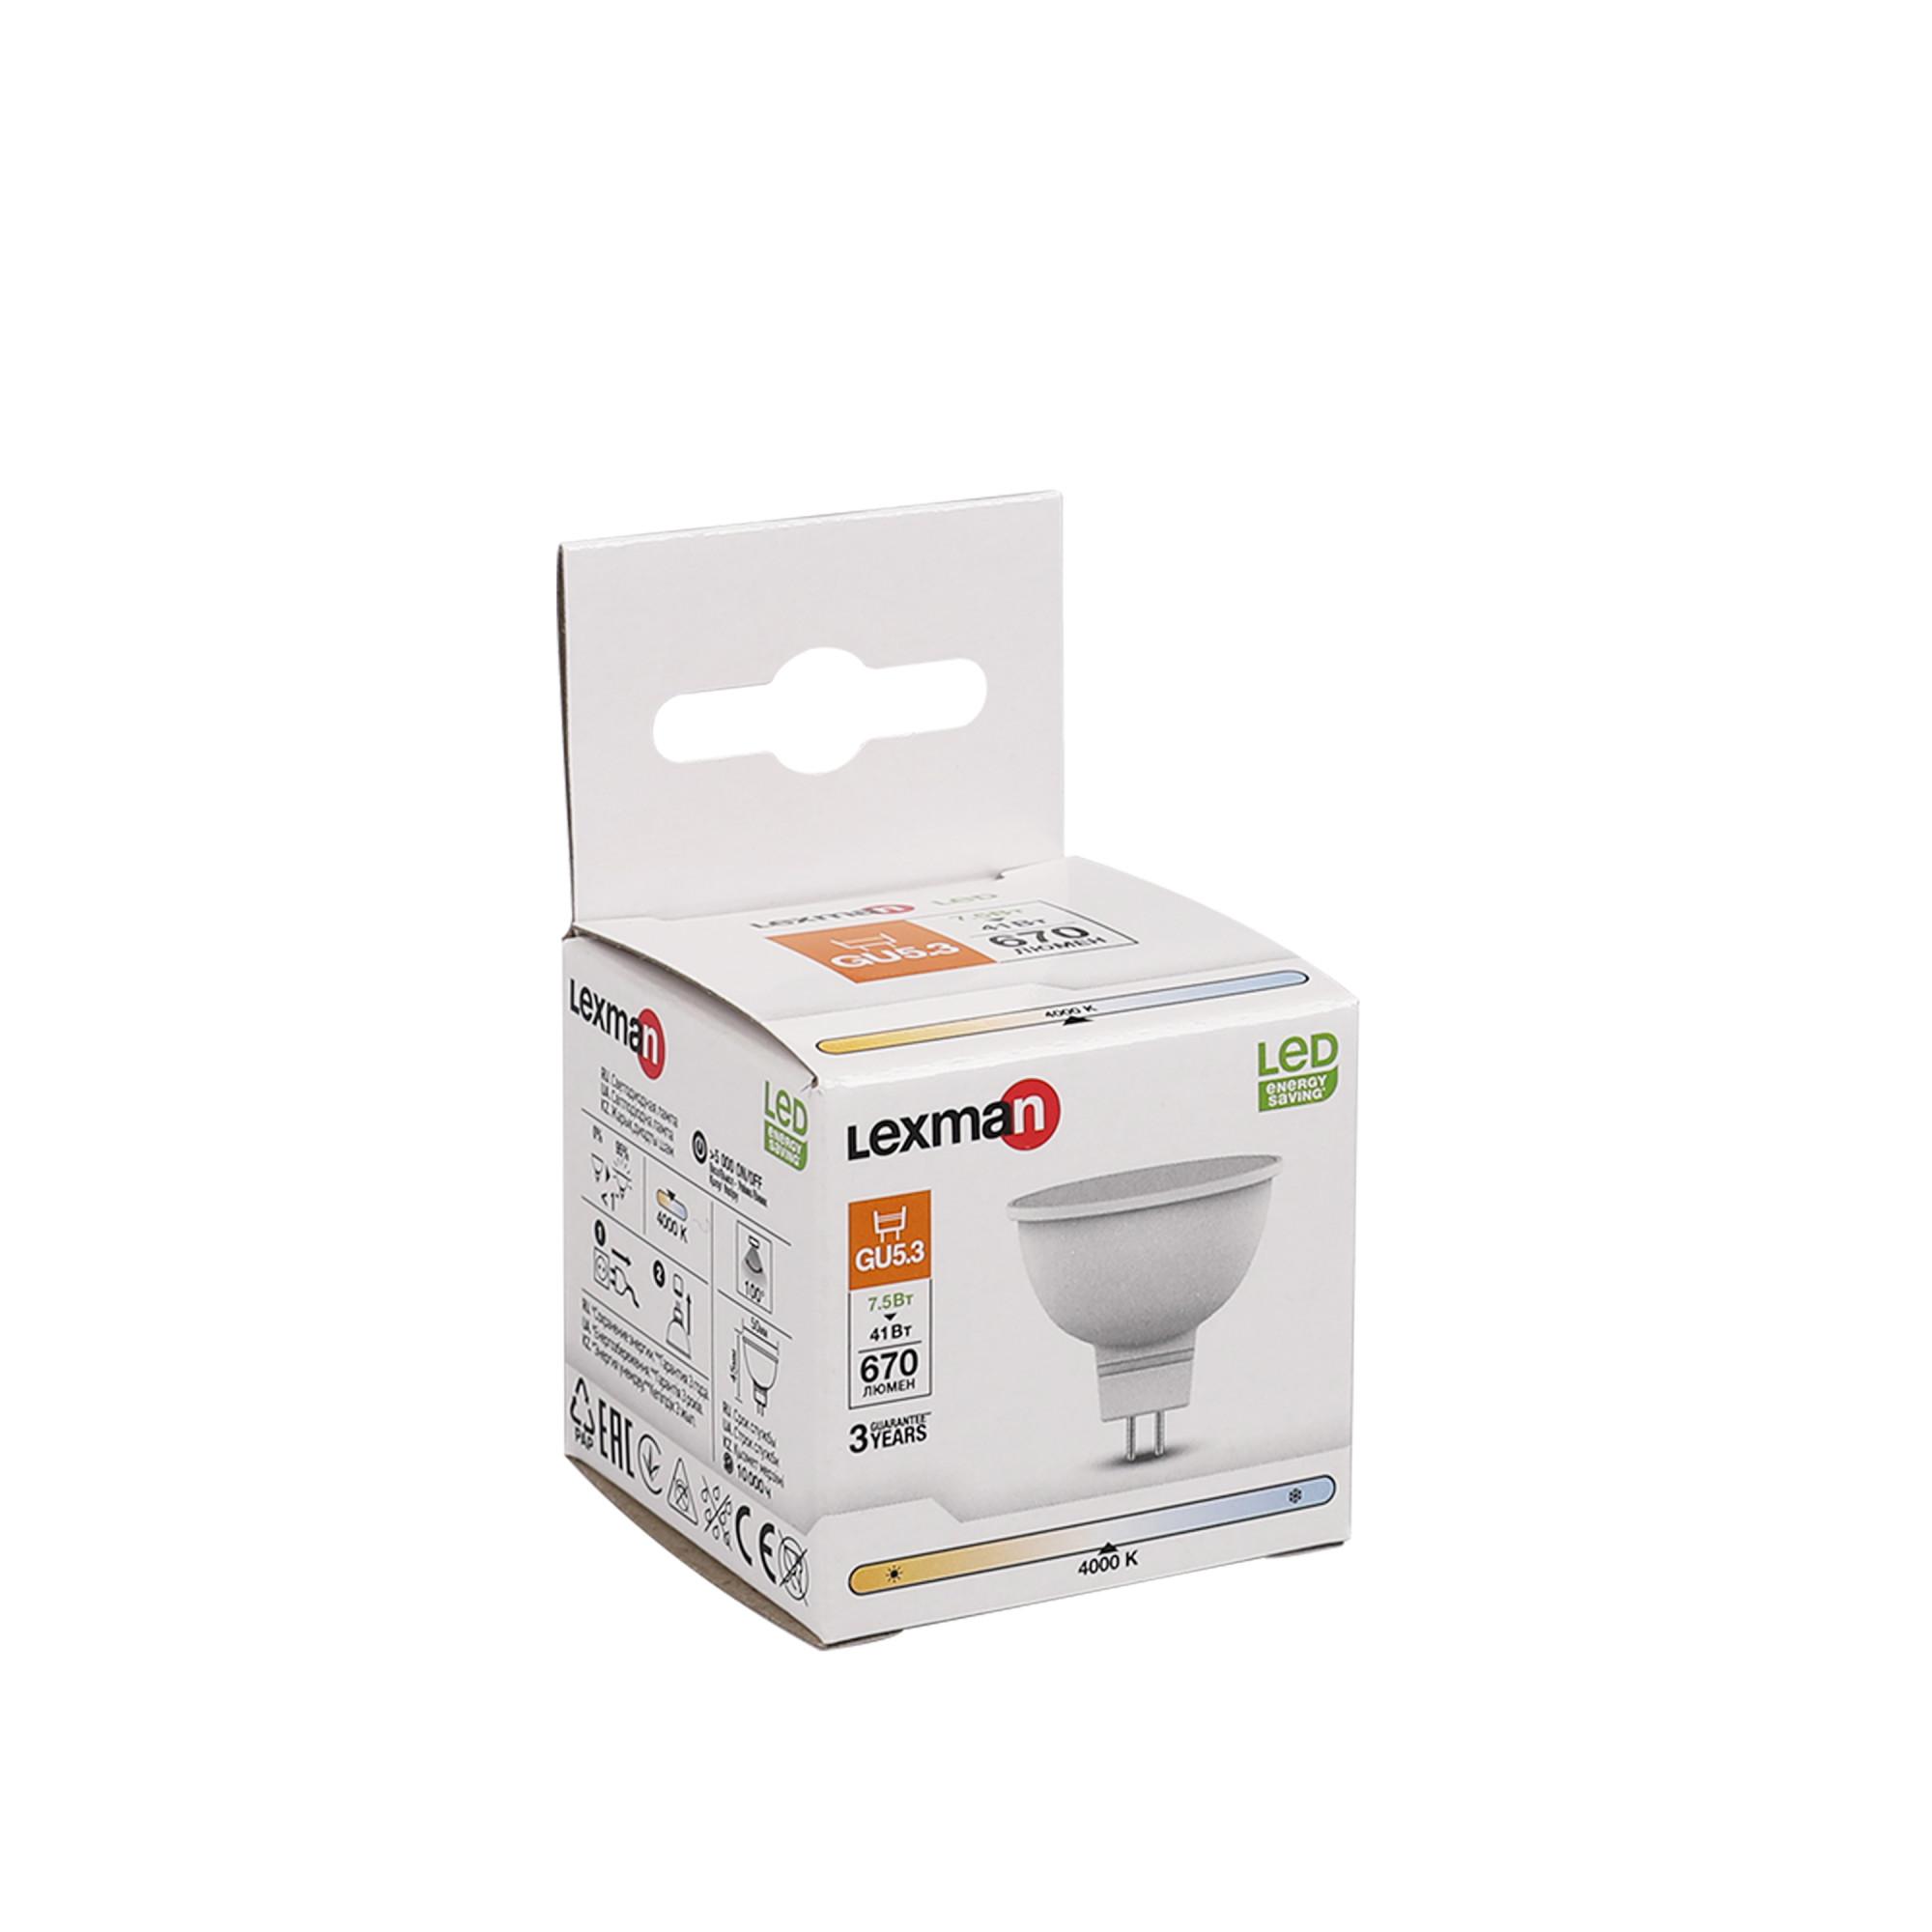 Лампа светодиодная Lexman GU5.3 7.5 Вт спот матовая 670 лм холодный белый свет